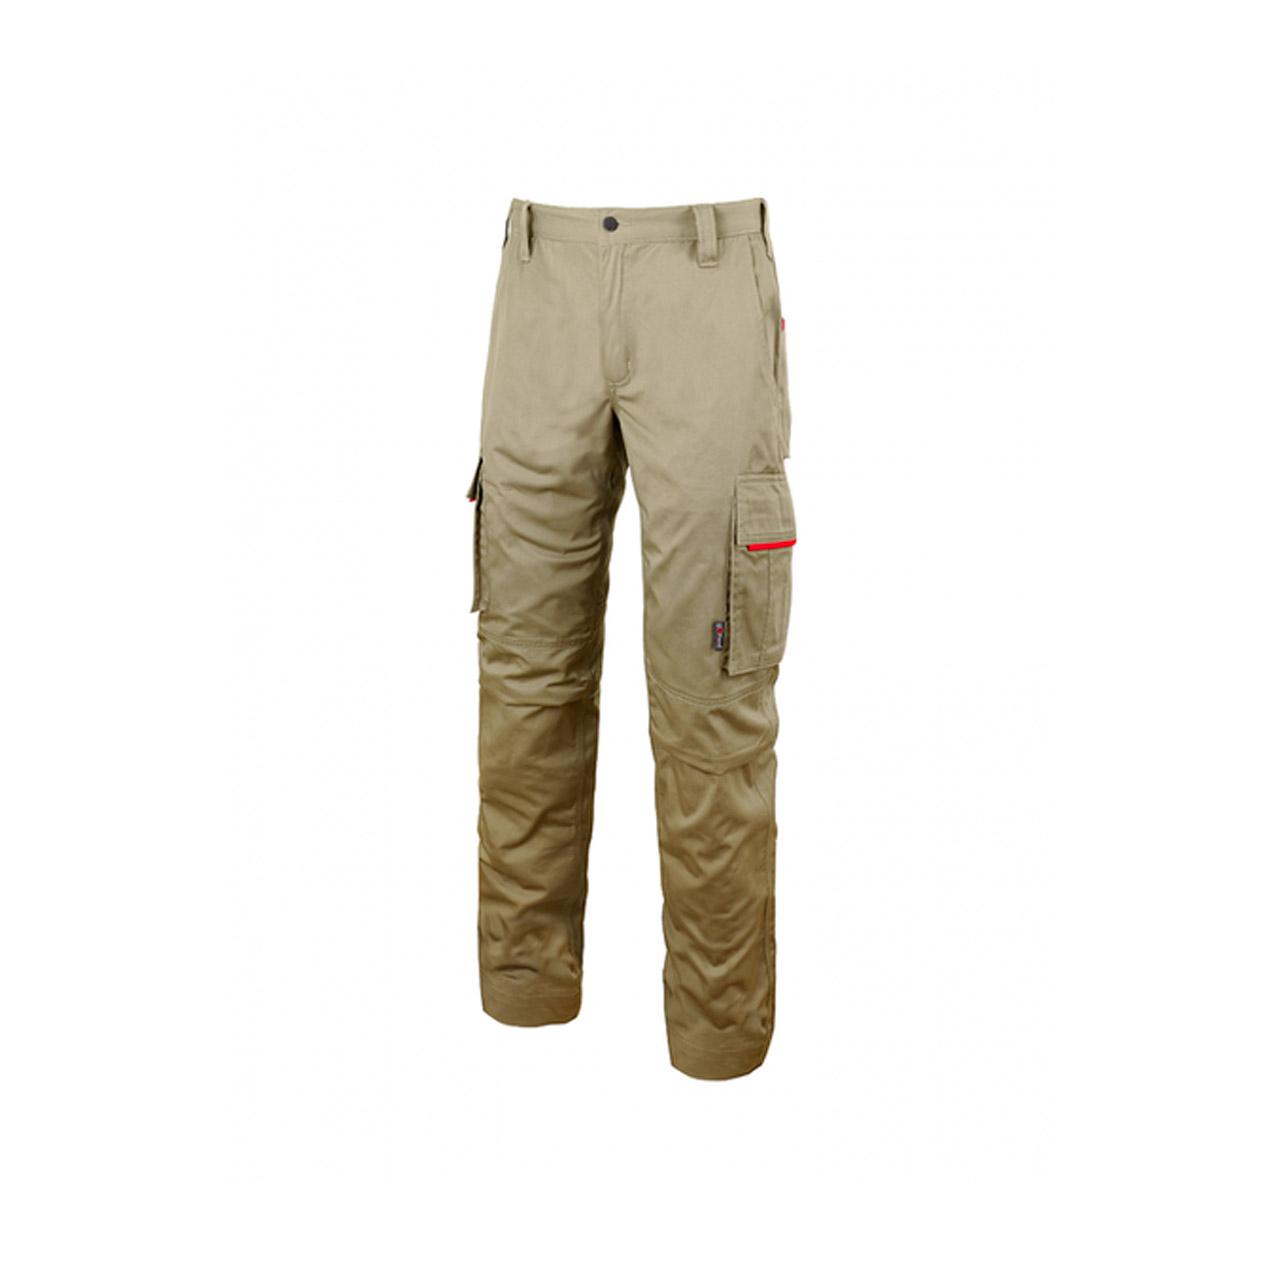 pantalone da lavoro upower modello rave colore desert s